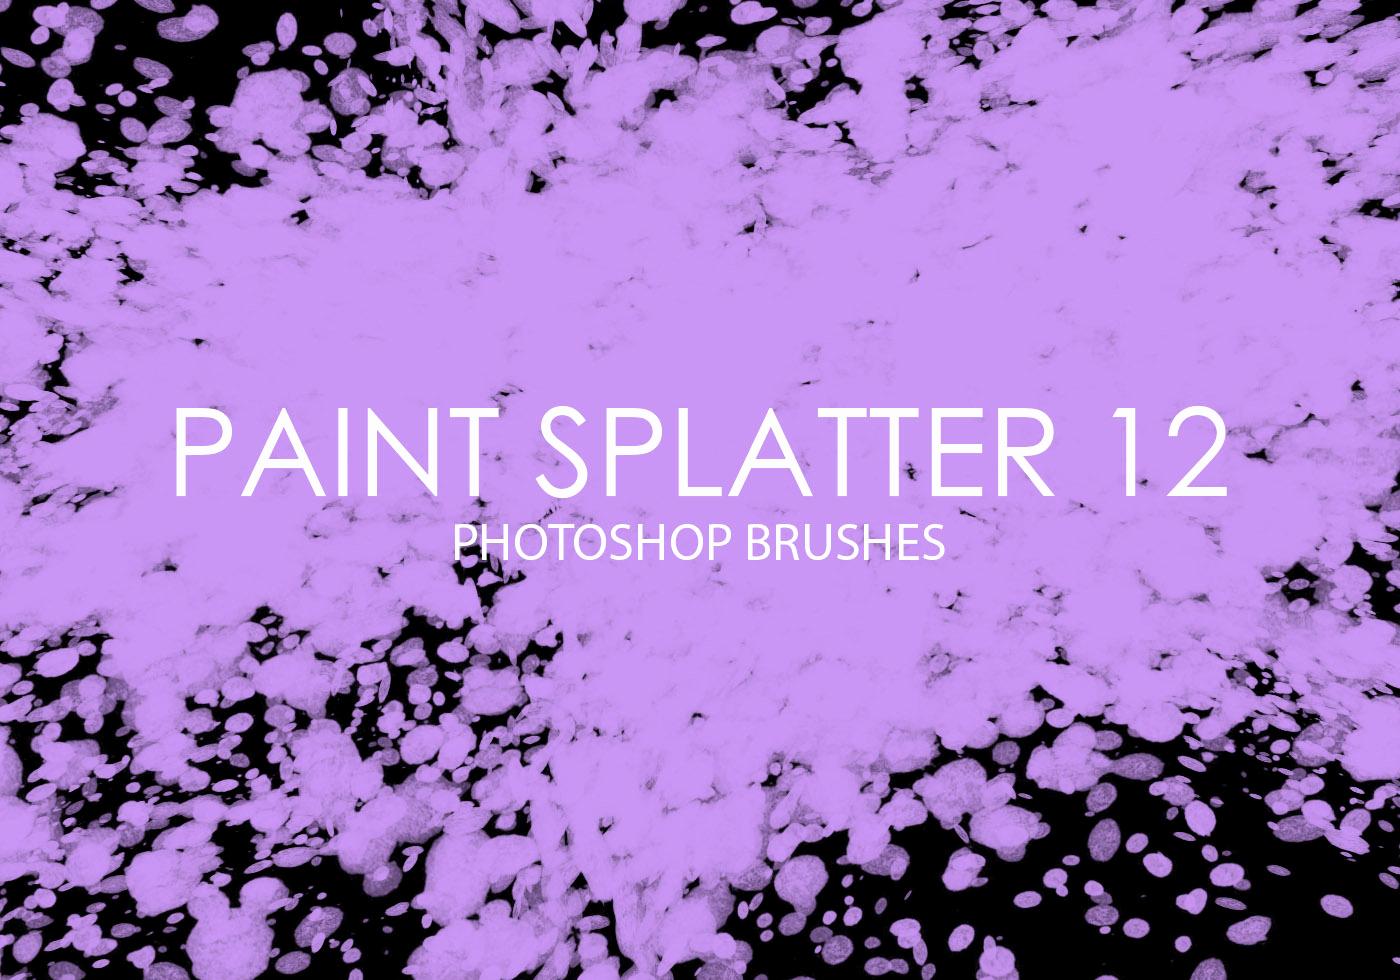 Paint Splatter Brush Photoshop Lovely Free Paint Splatter Shop Brushes 12 Free Shop